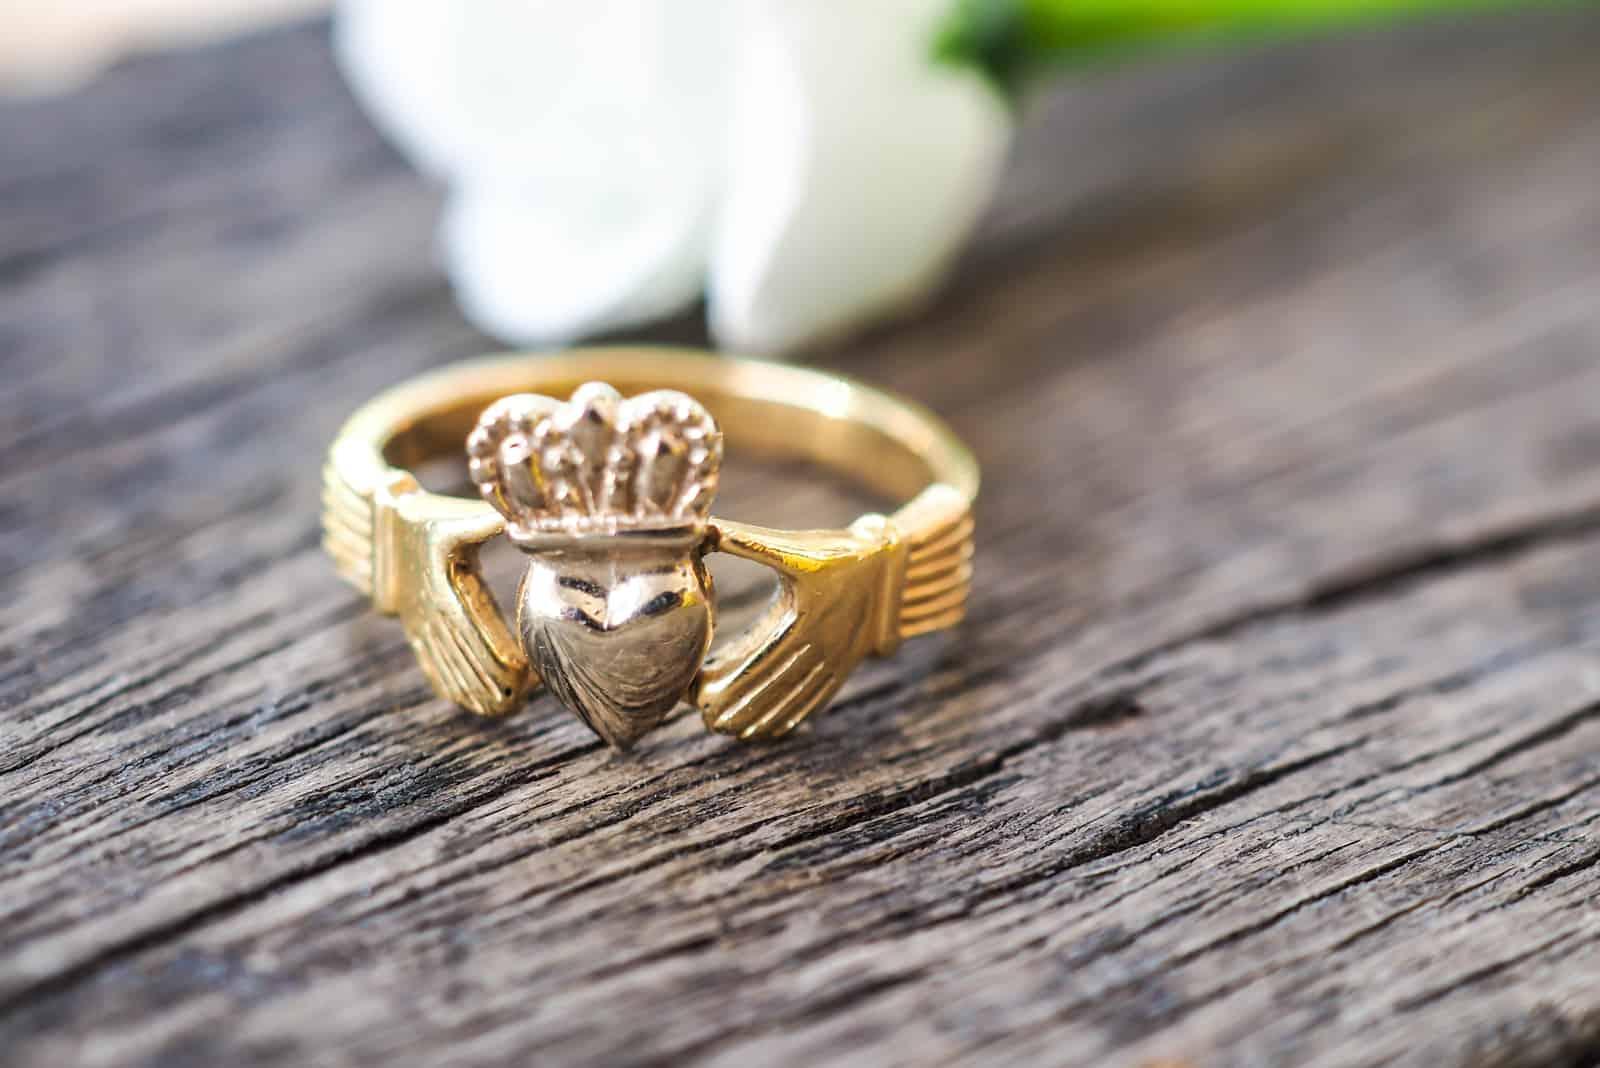 Ein Claddagh Ring of Irish ein traditioneller Ring für Liebe und wahre Liebe